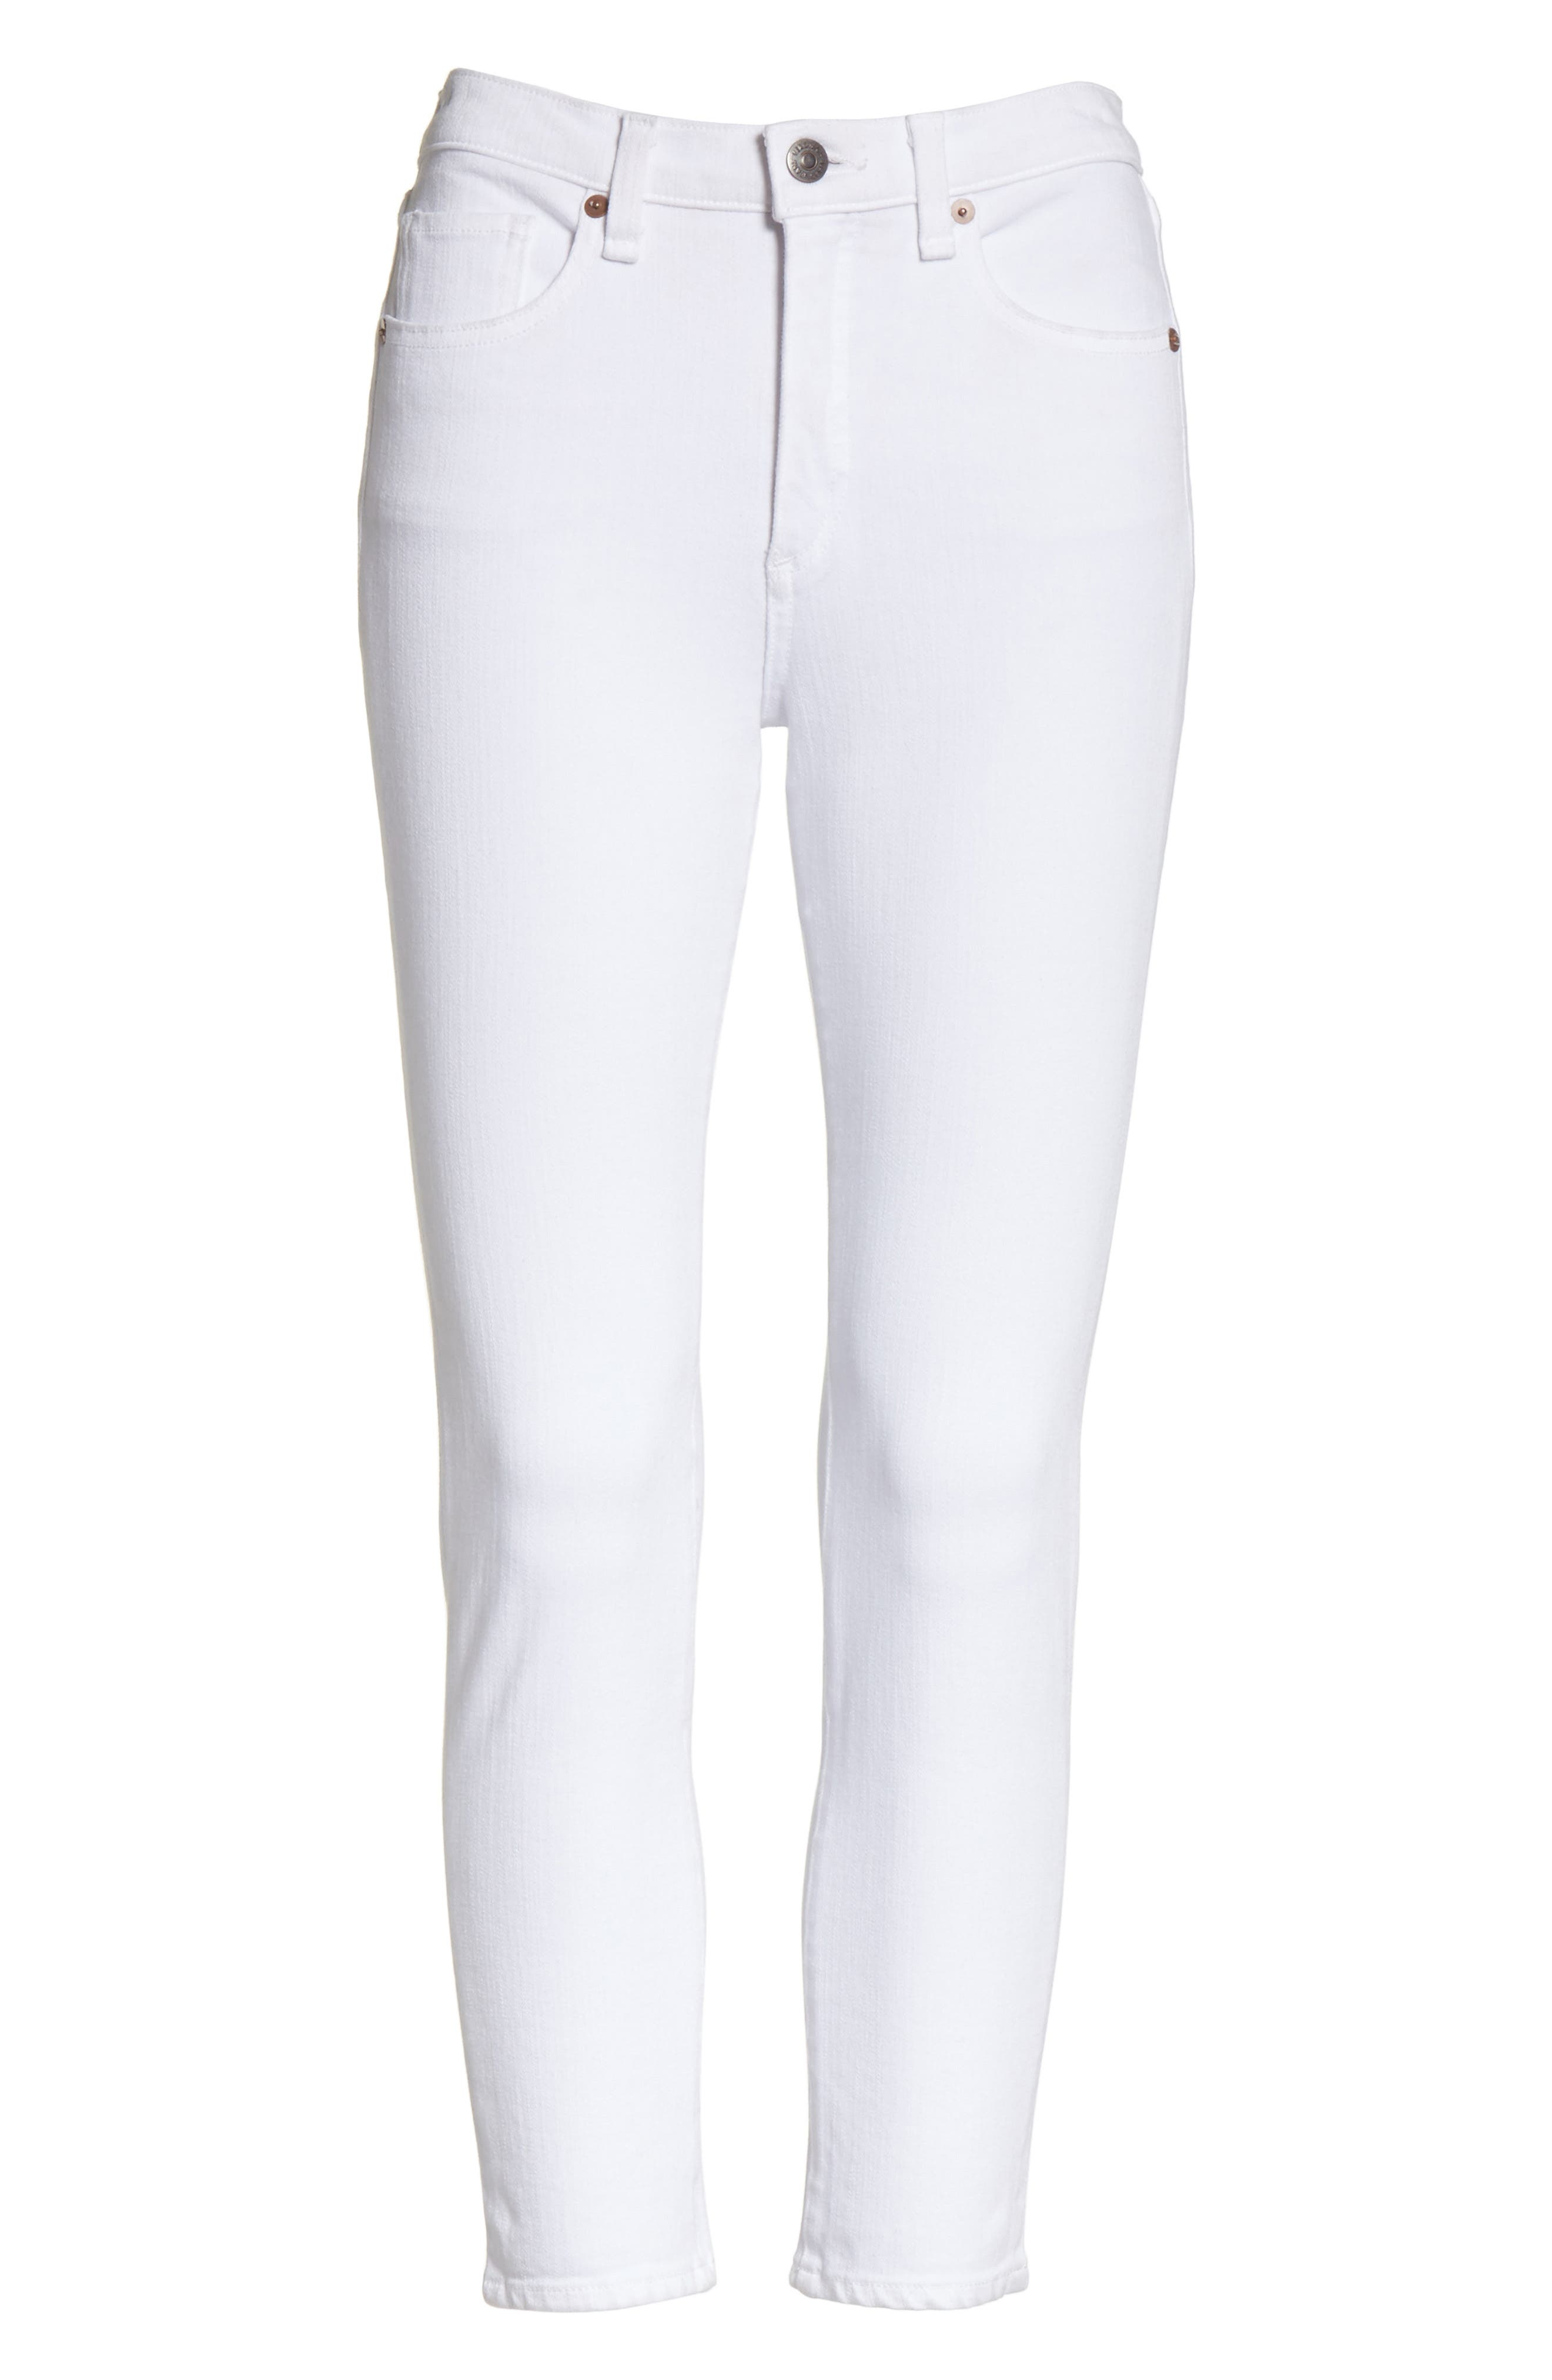 Kate Capri Jeans,                             Alternate thumbnail 6, color,                             White